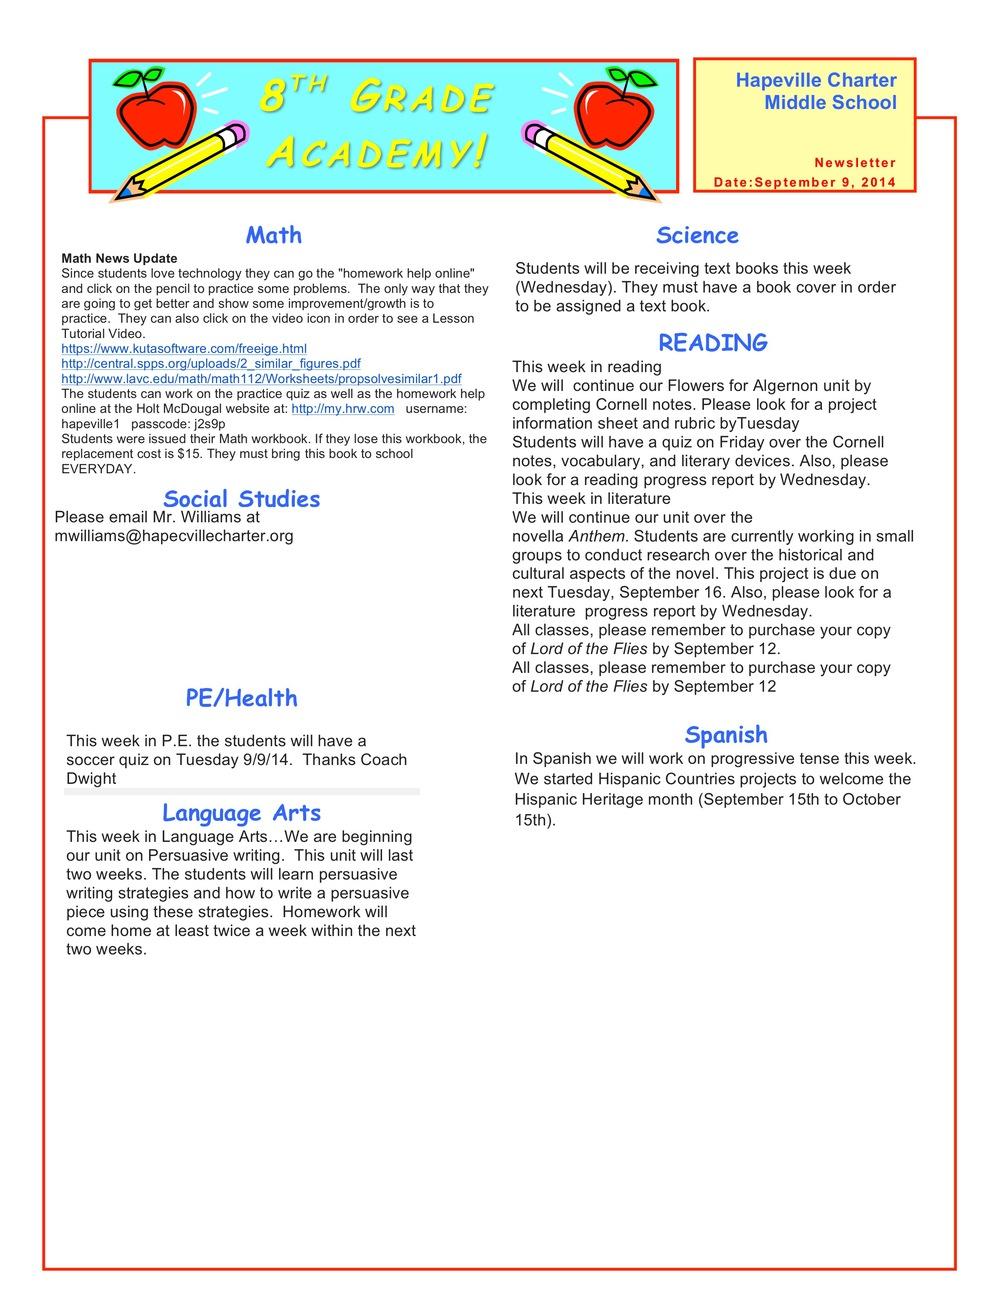 Newsletter Image8th grade sept 8 2014.jpeg